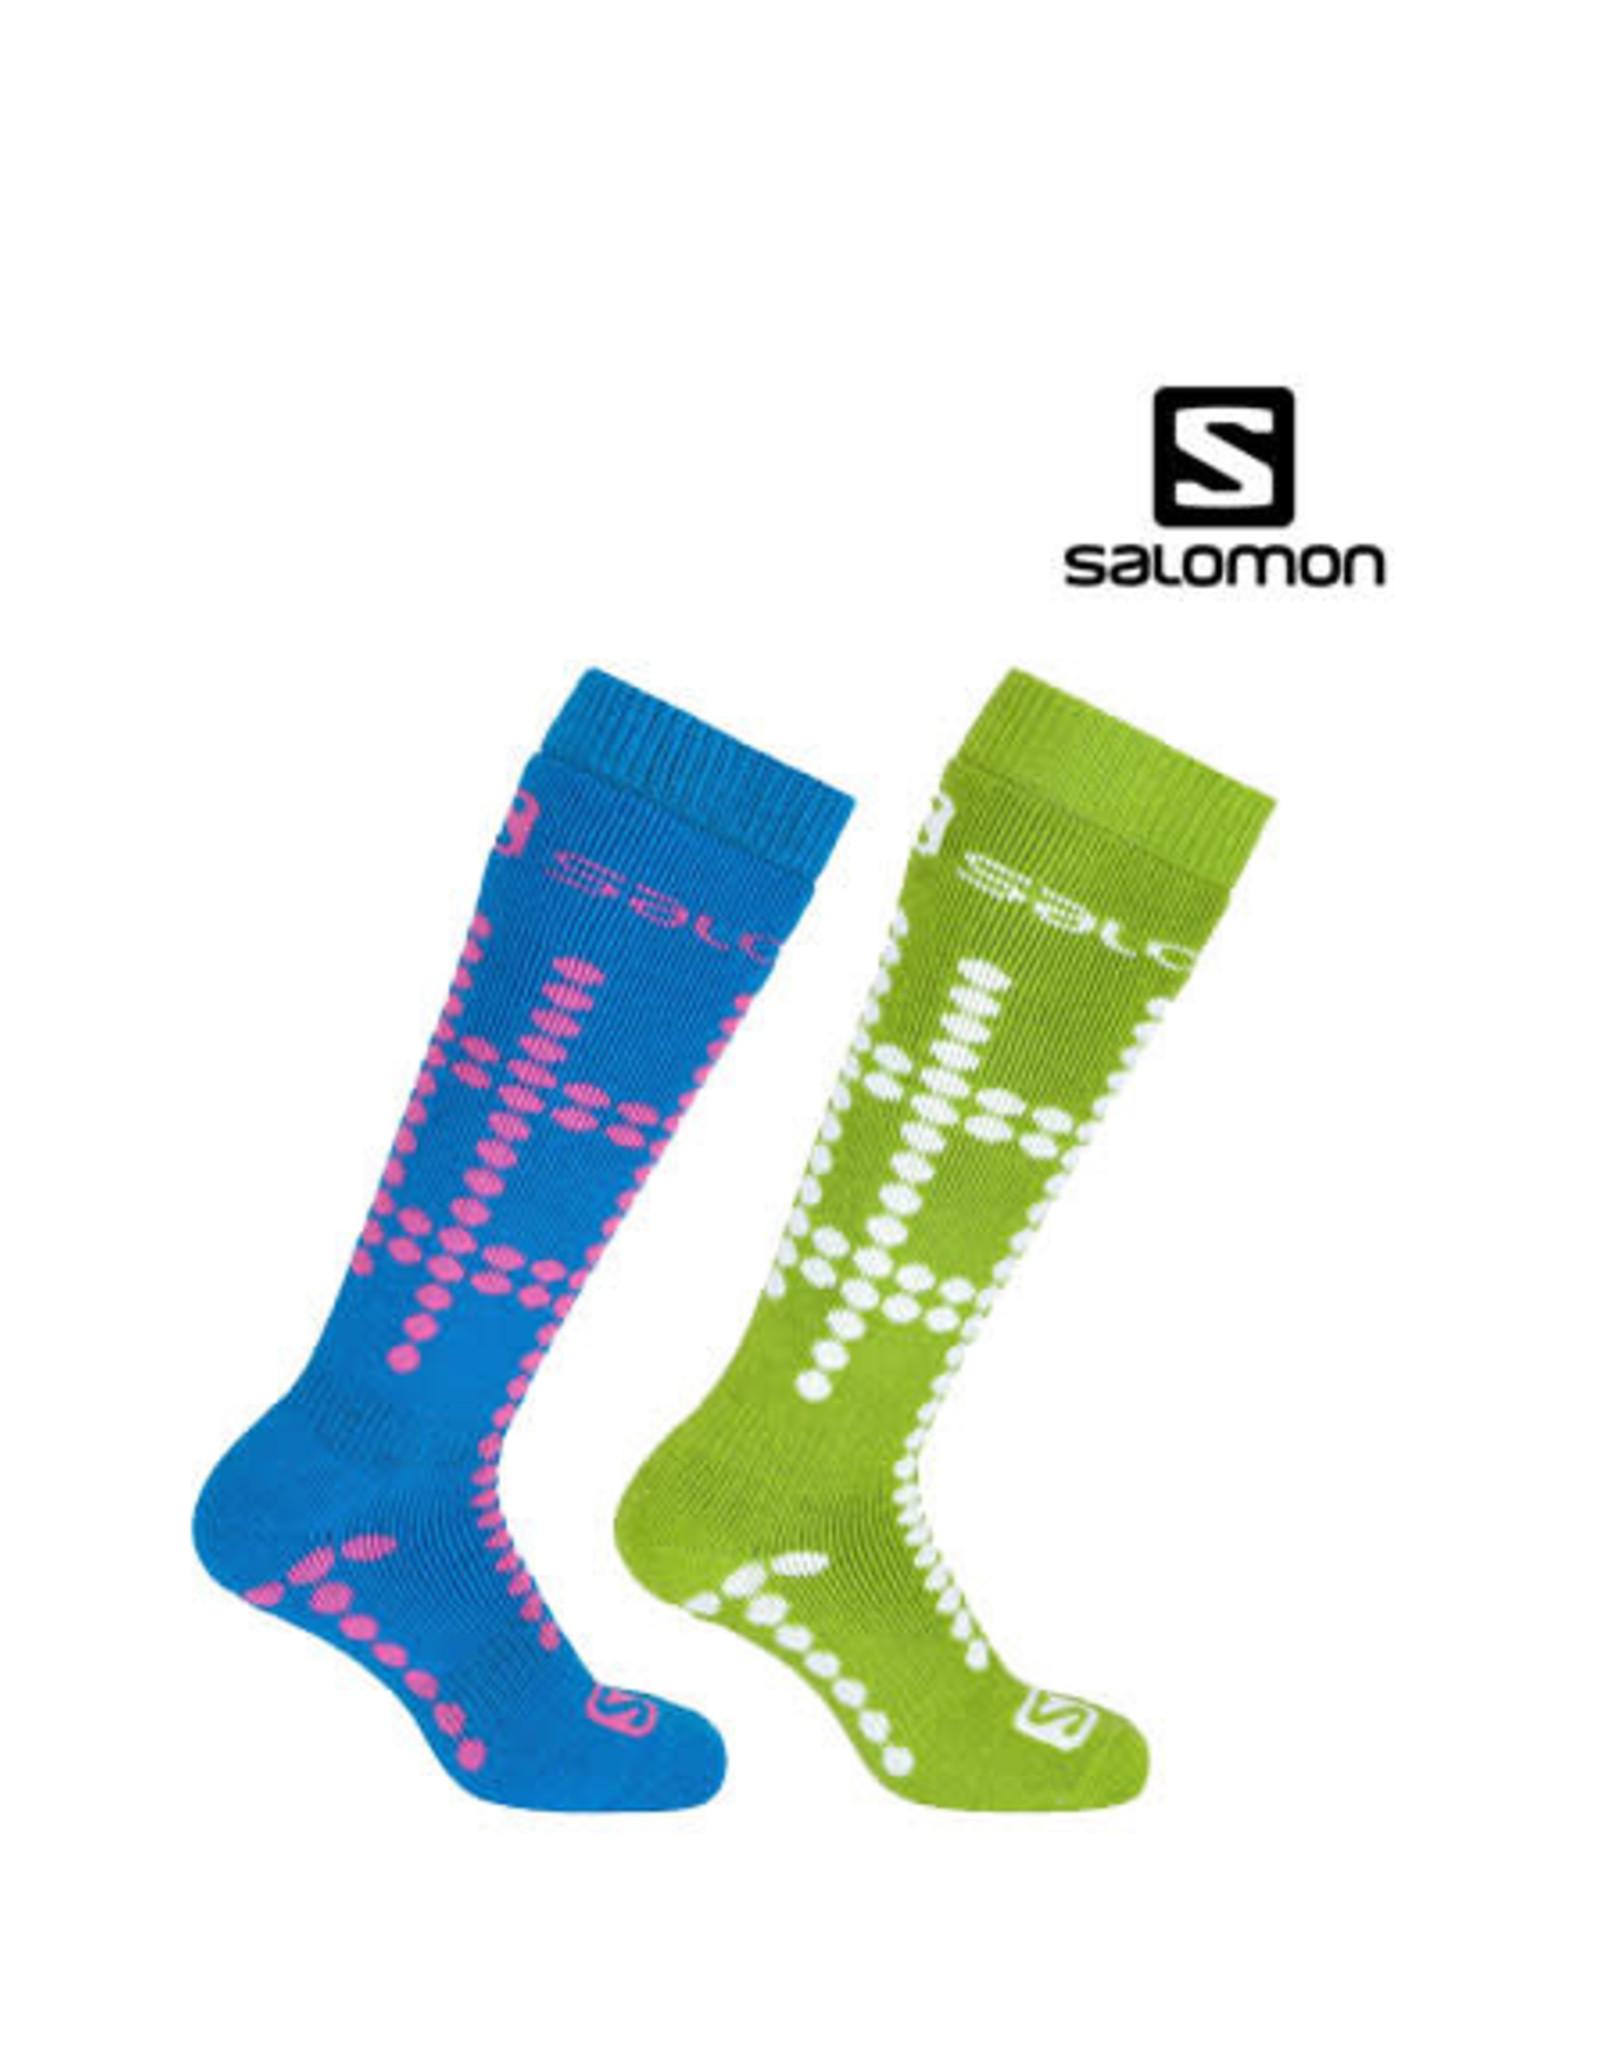 SALOMON SALOMON SKISOKKEN Team Junior 2-pack